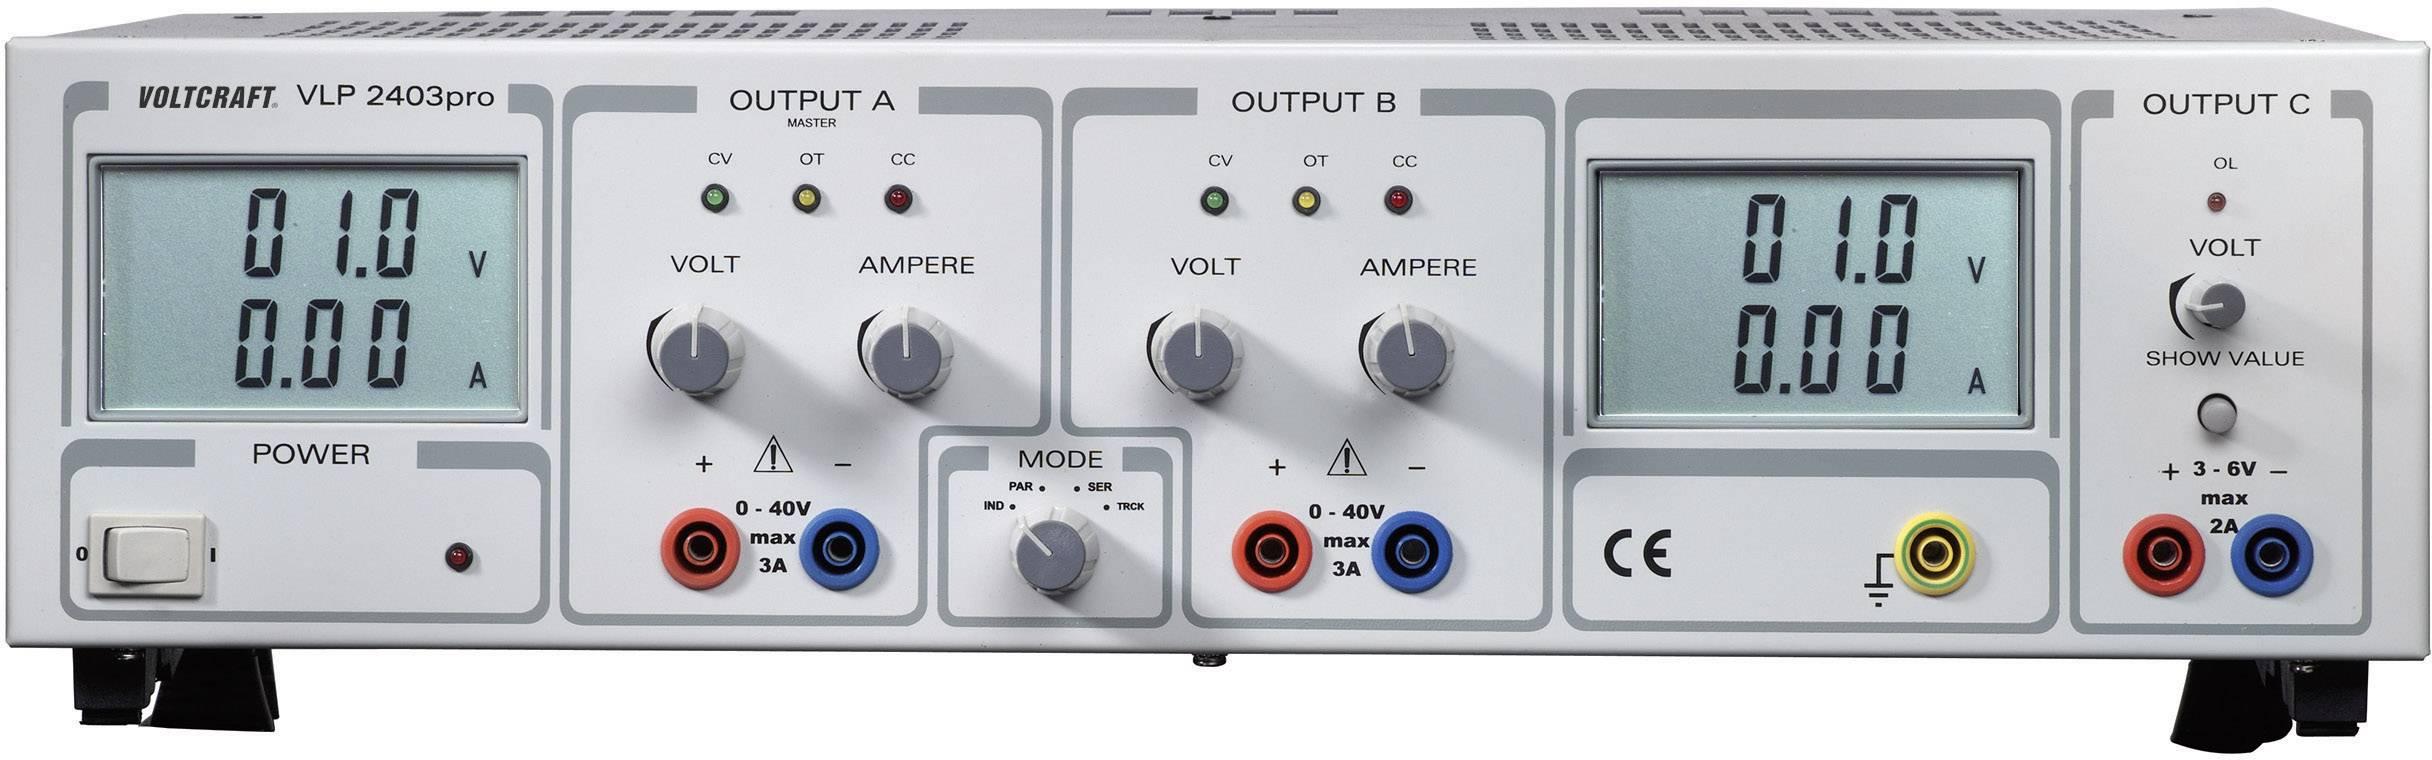 Lineárny laboratórny sietový zdroj Voltcraft VLP-2403pro, 0 - 40 V, 0 - 3 A